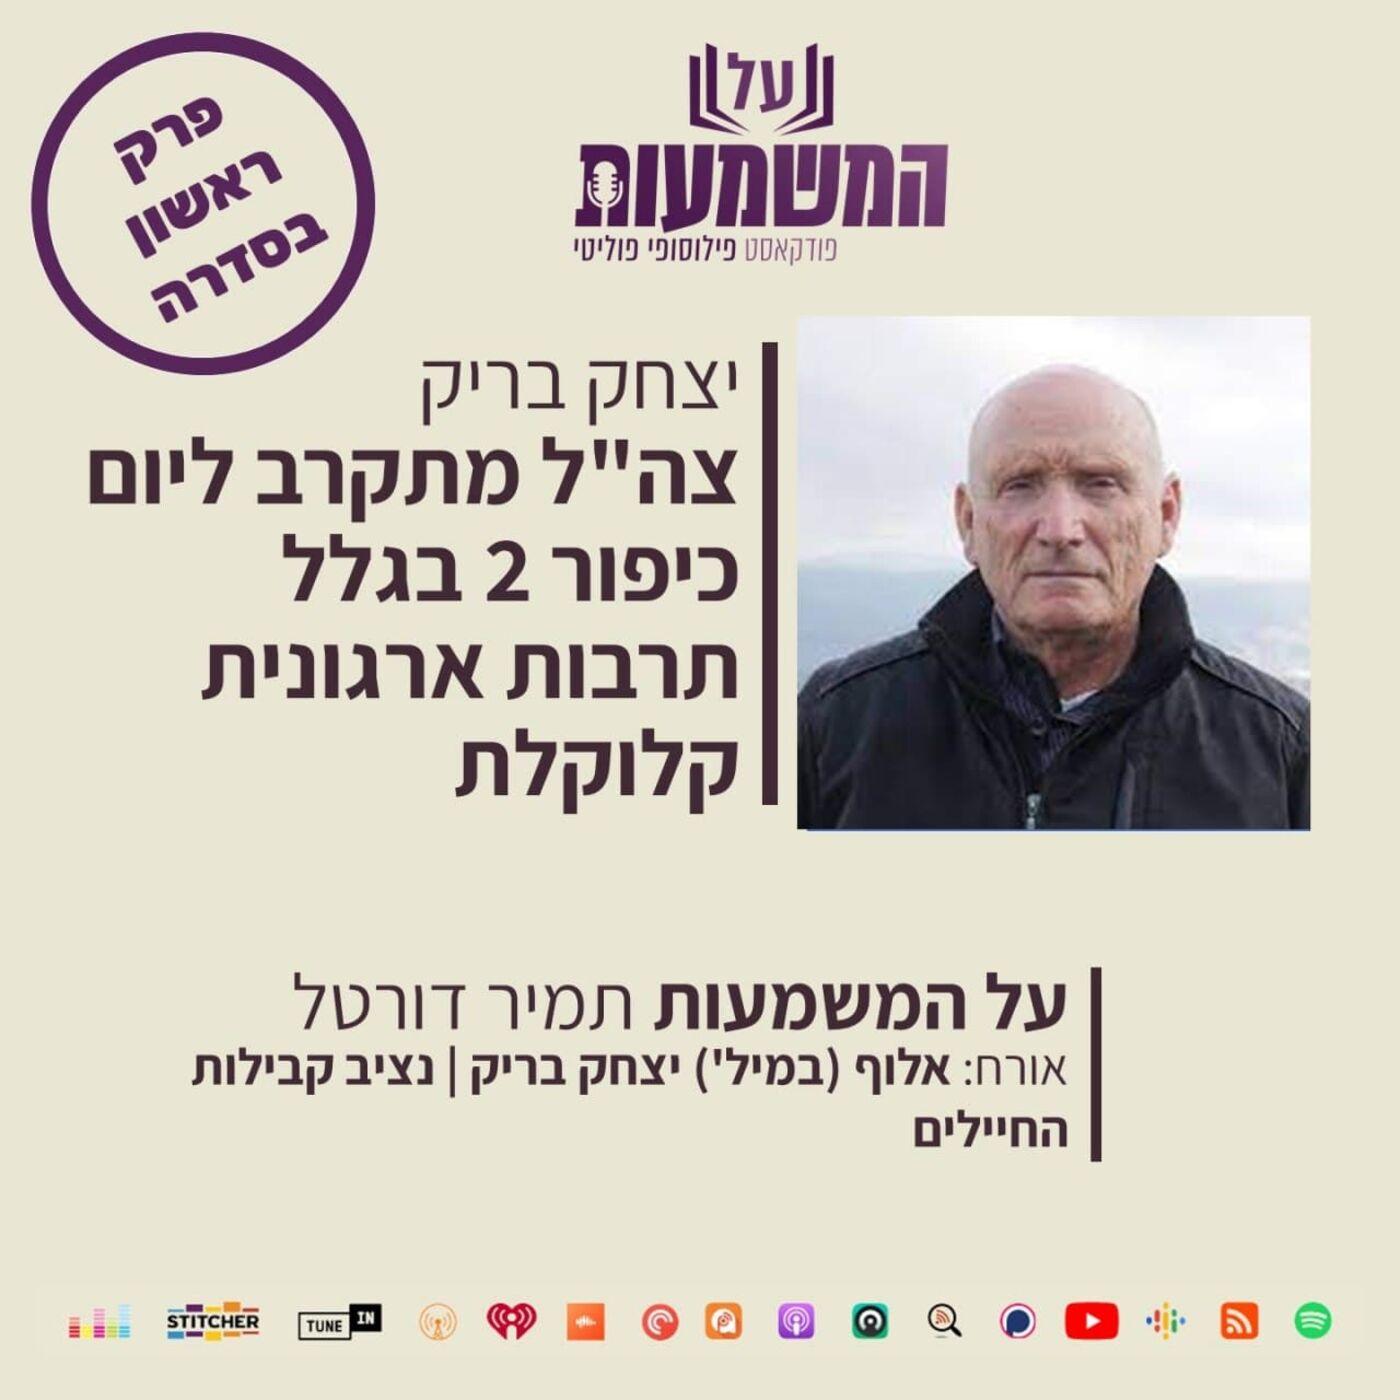 """האלוף במיל' יצחק בריק – צה""""ל מתקדם ליום כיפור 2 בגלל תרבות ארגונית קלוקלת"""